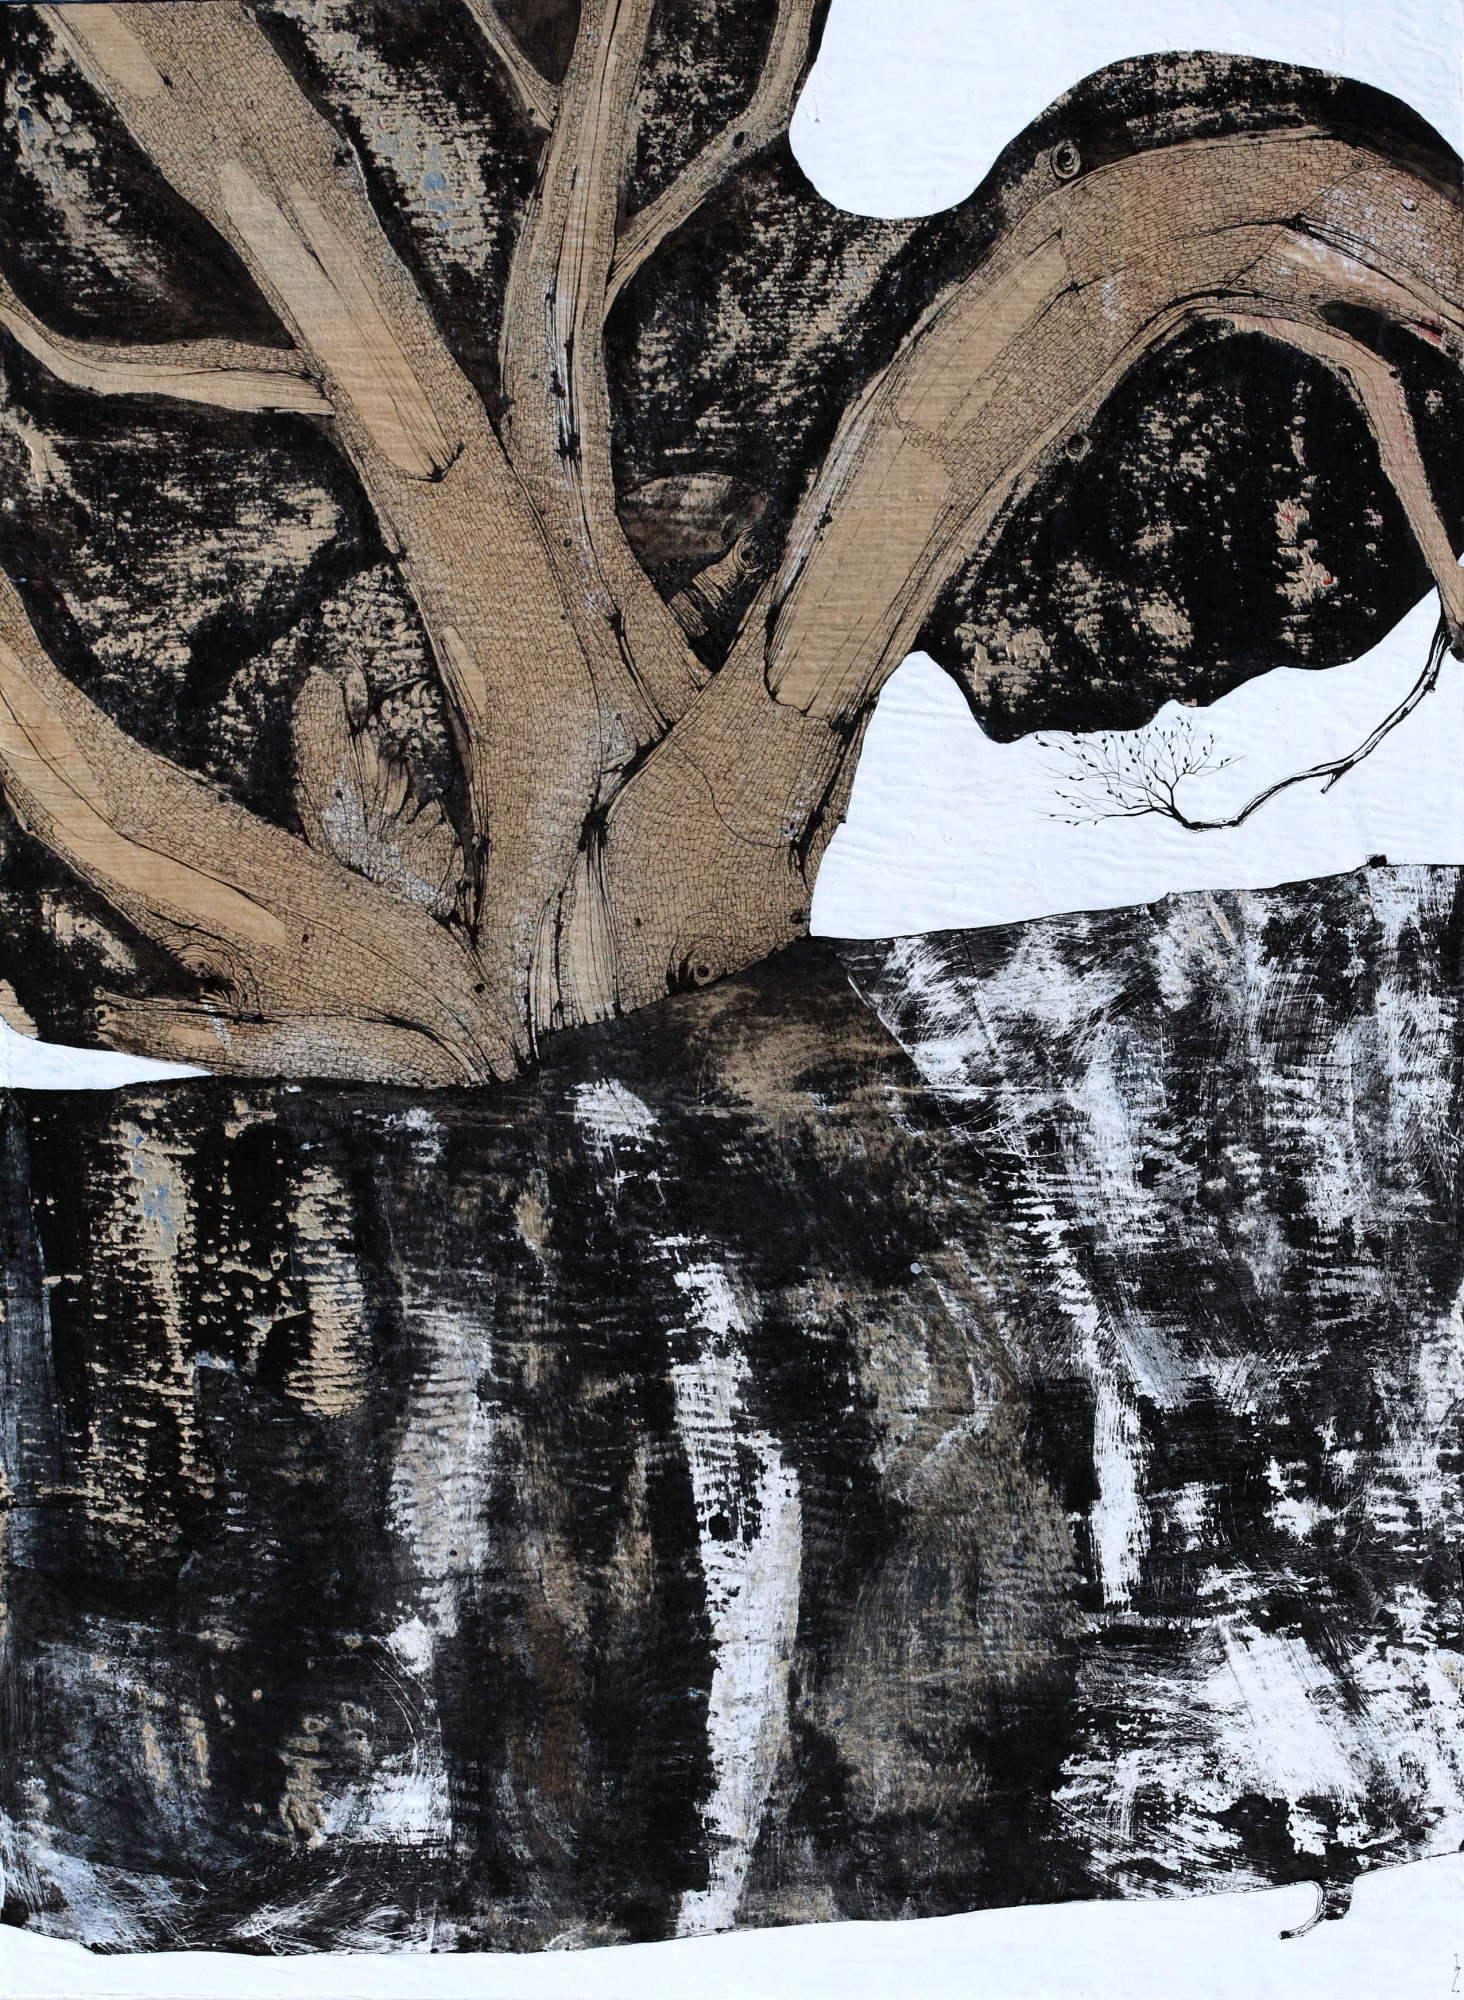 Blackthorn - 2018 - encre et acrylique sur papier kraft marouflé sur toile hauteur 92 cm - largeur 73 cm - Oeuvre de Pascal Jacquet